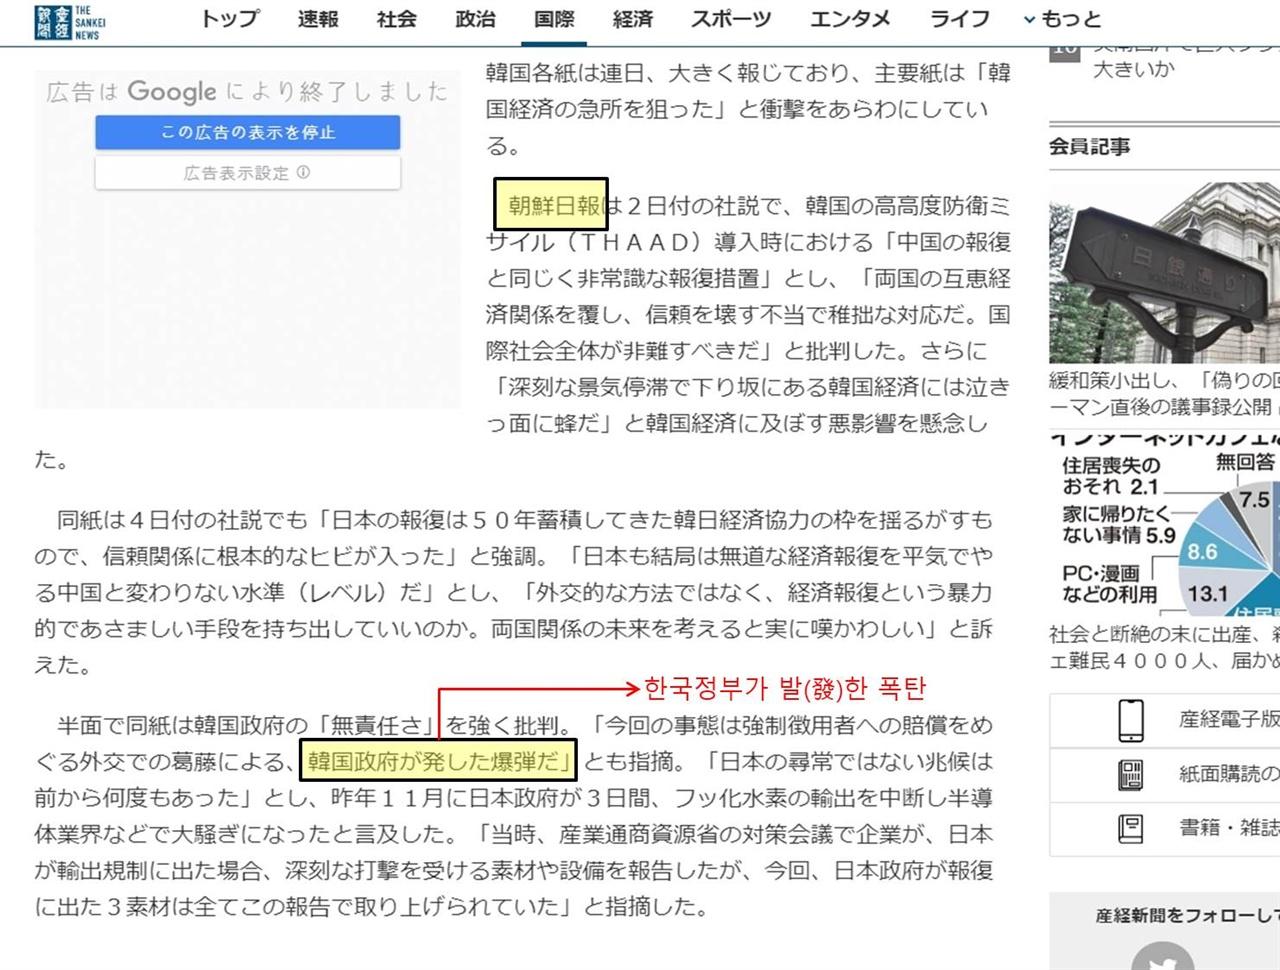 '조선일보'를 인용한 '산케이신문' 기사.